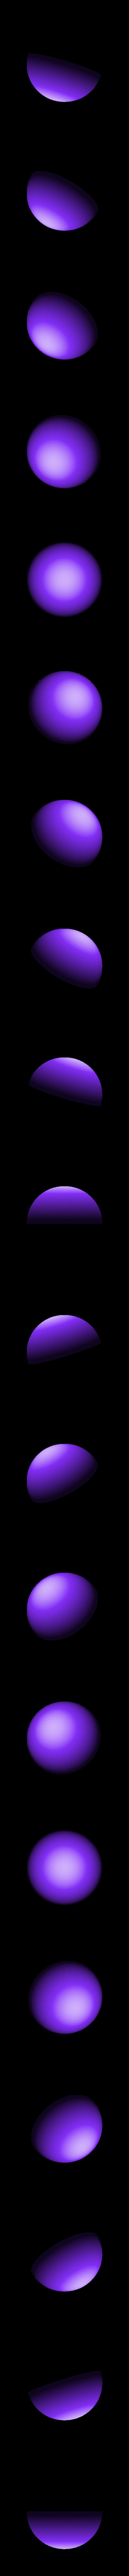 cochonnet simple.stl Download STL file Cochonnet 3dgregor • 3D printable object, 3dgregor